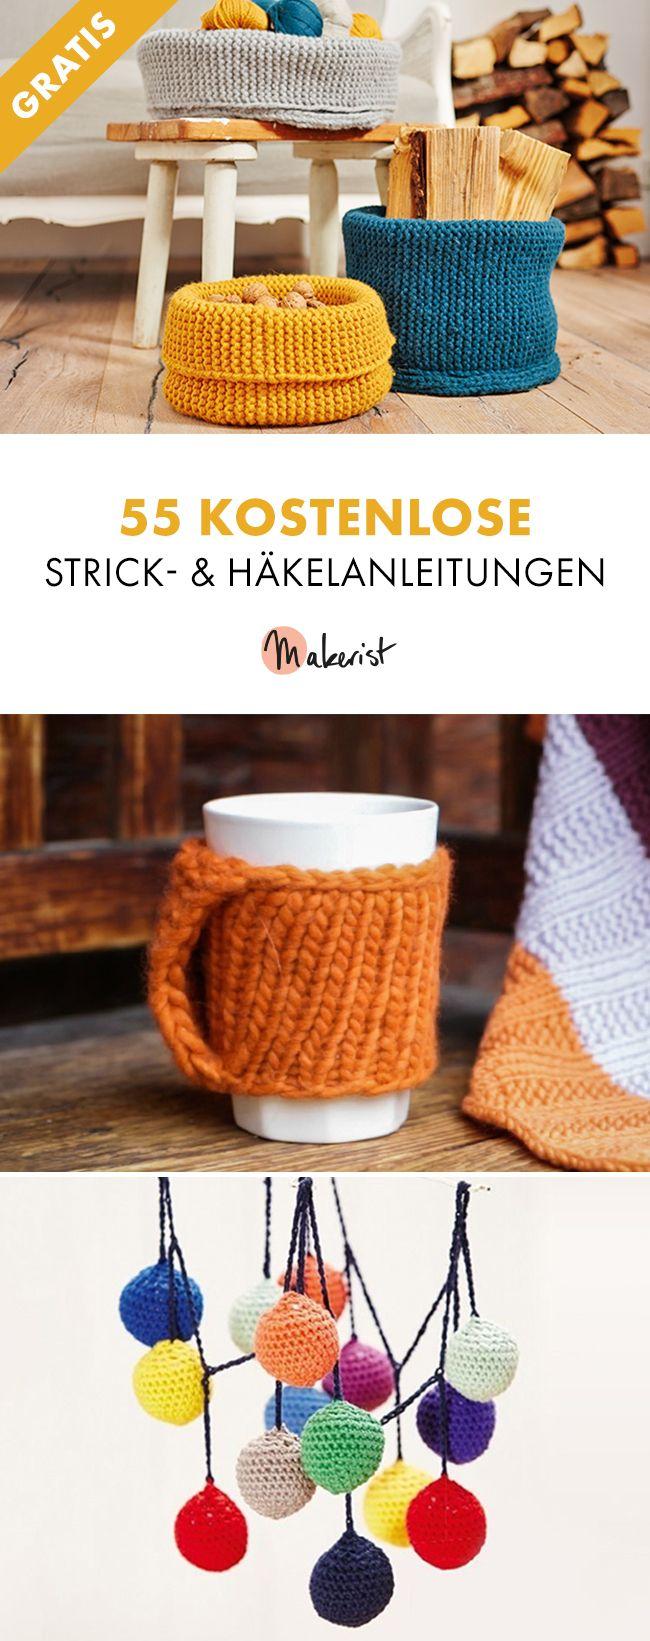 55 kostenlose Strick- und Häkelanleitungen via Makerist Magazin #Makerist #strickenmitMakerist #häkelnmitMakerist #stricken